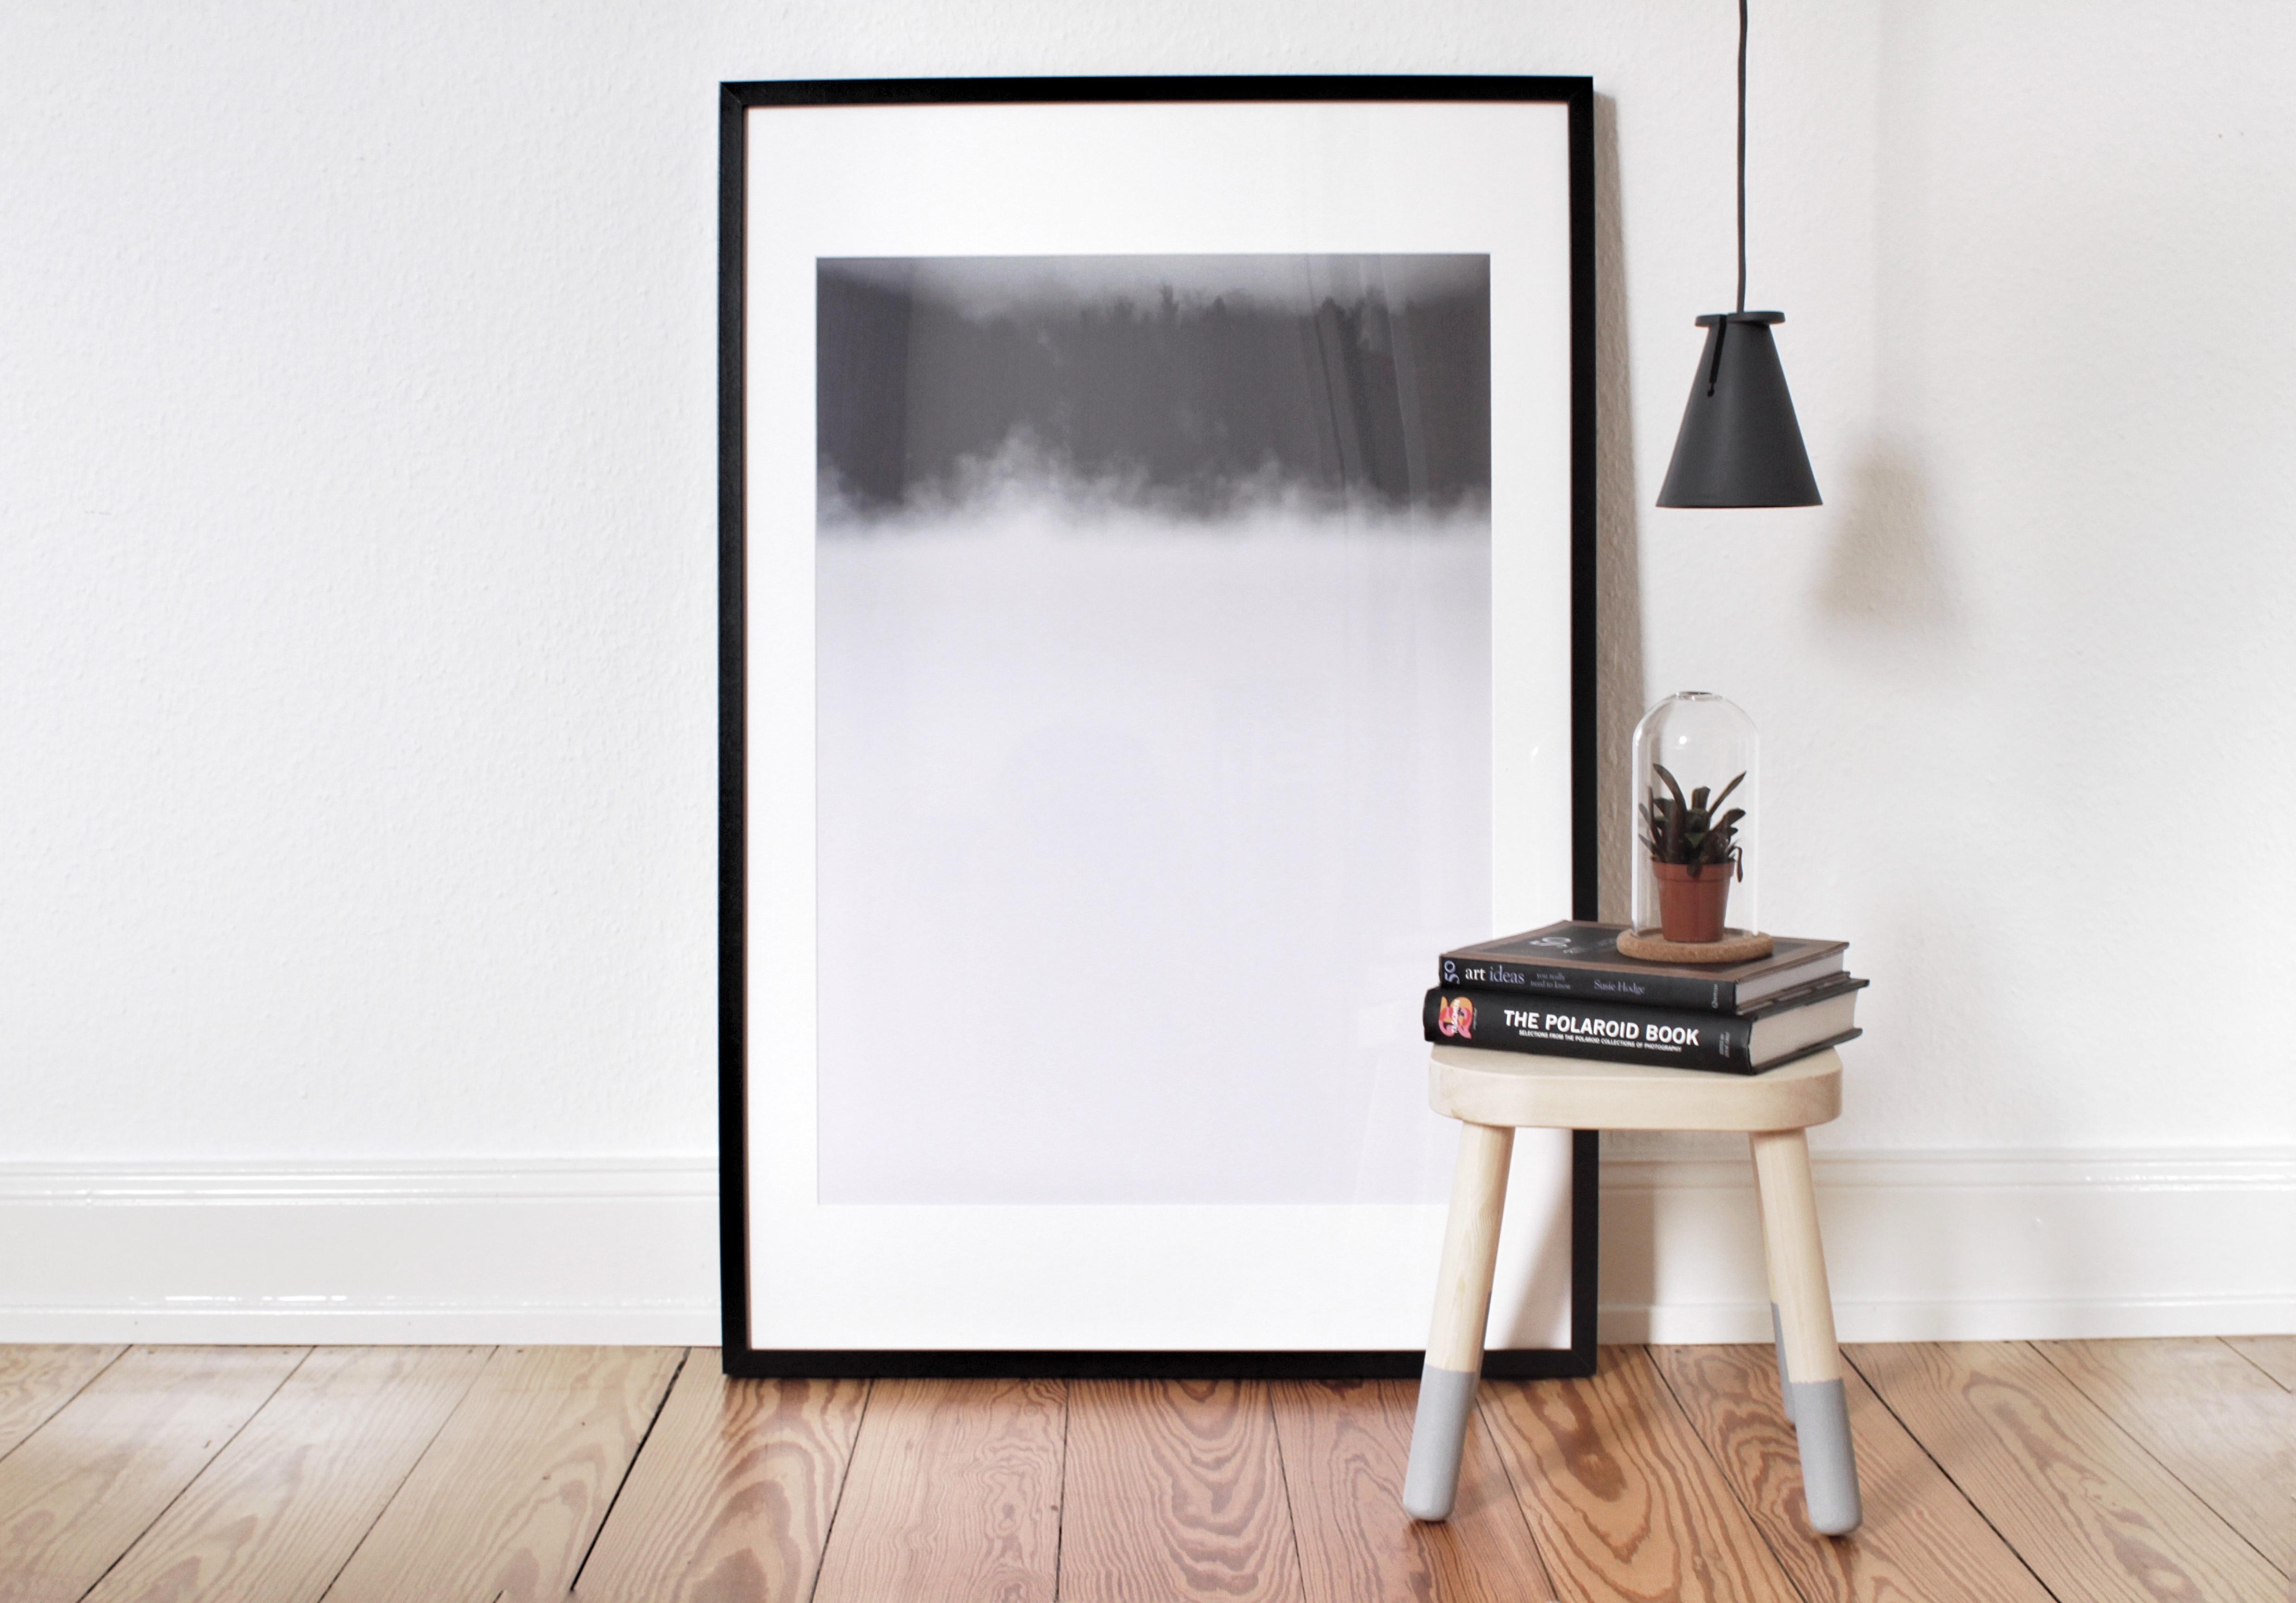 Möbelbeine Ikea i wie individuell geht auch für ikea möbel paulsvera